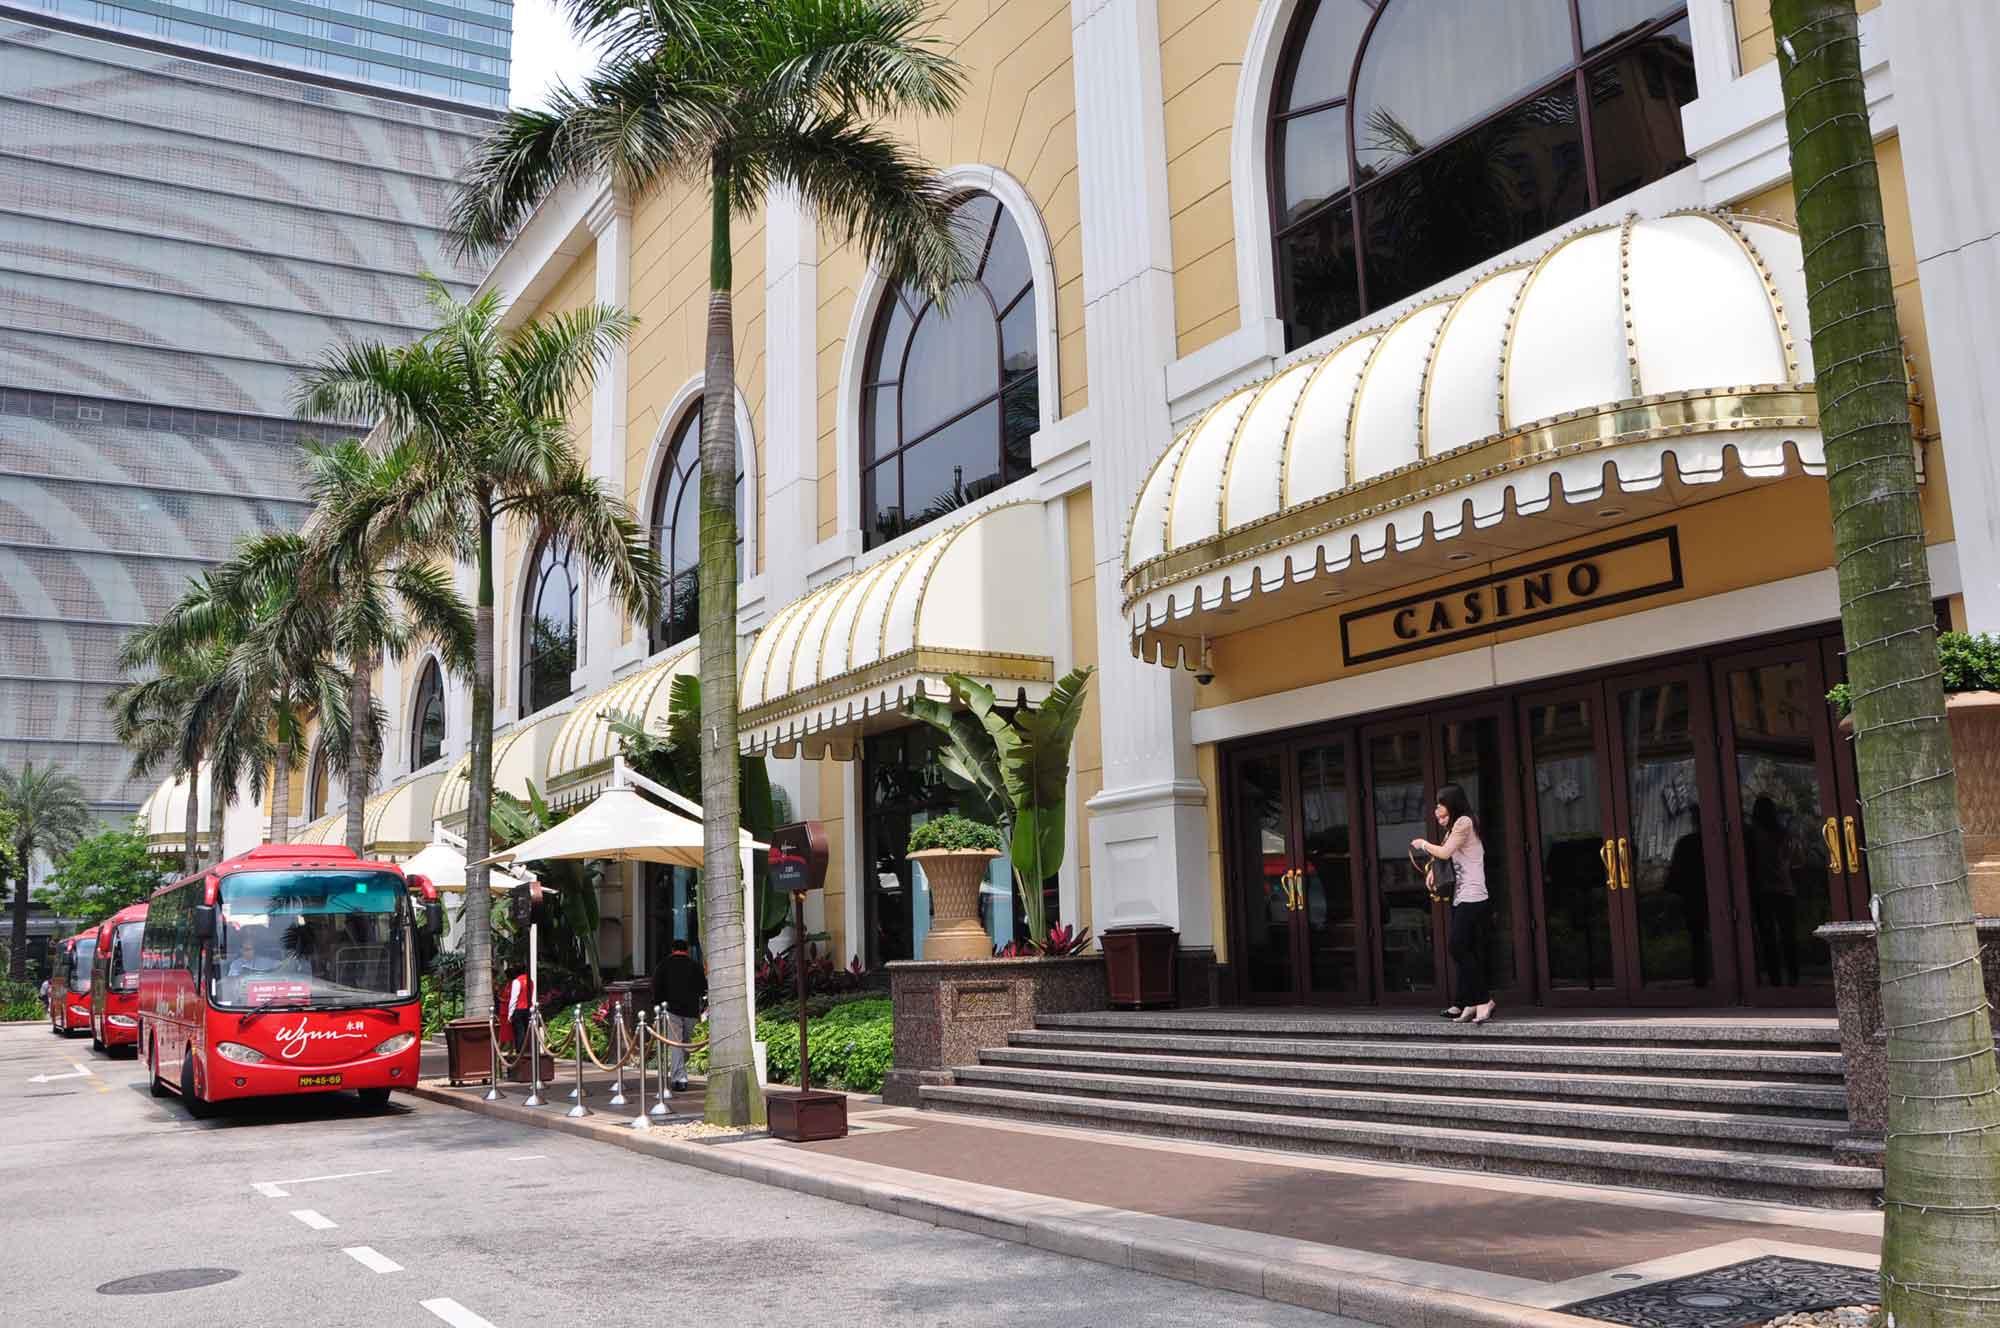 Wynn Macau buses and Casino entrance